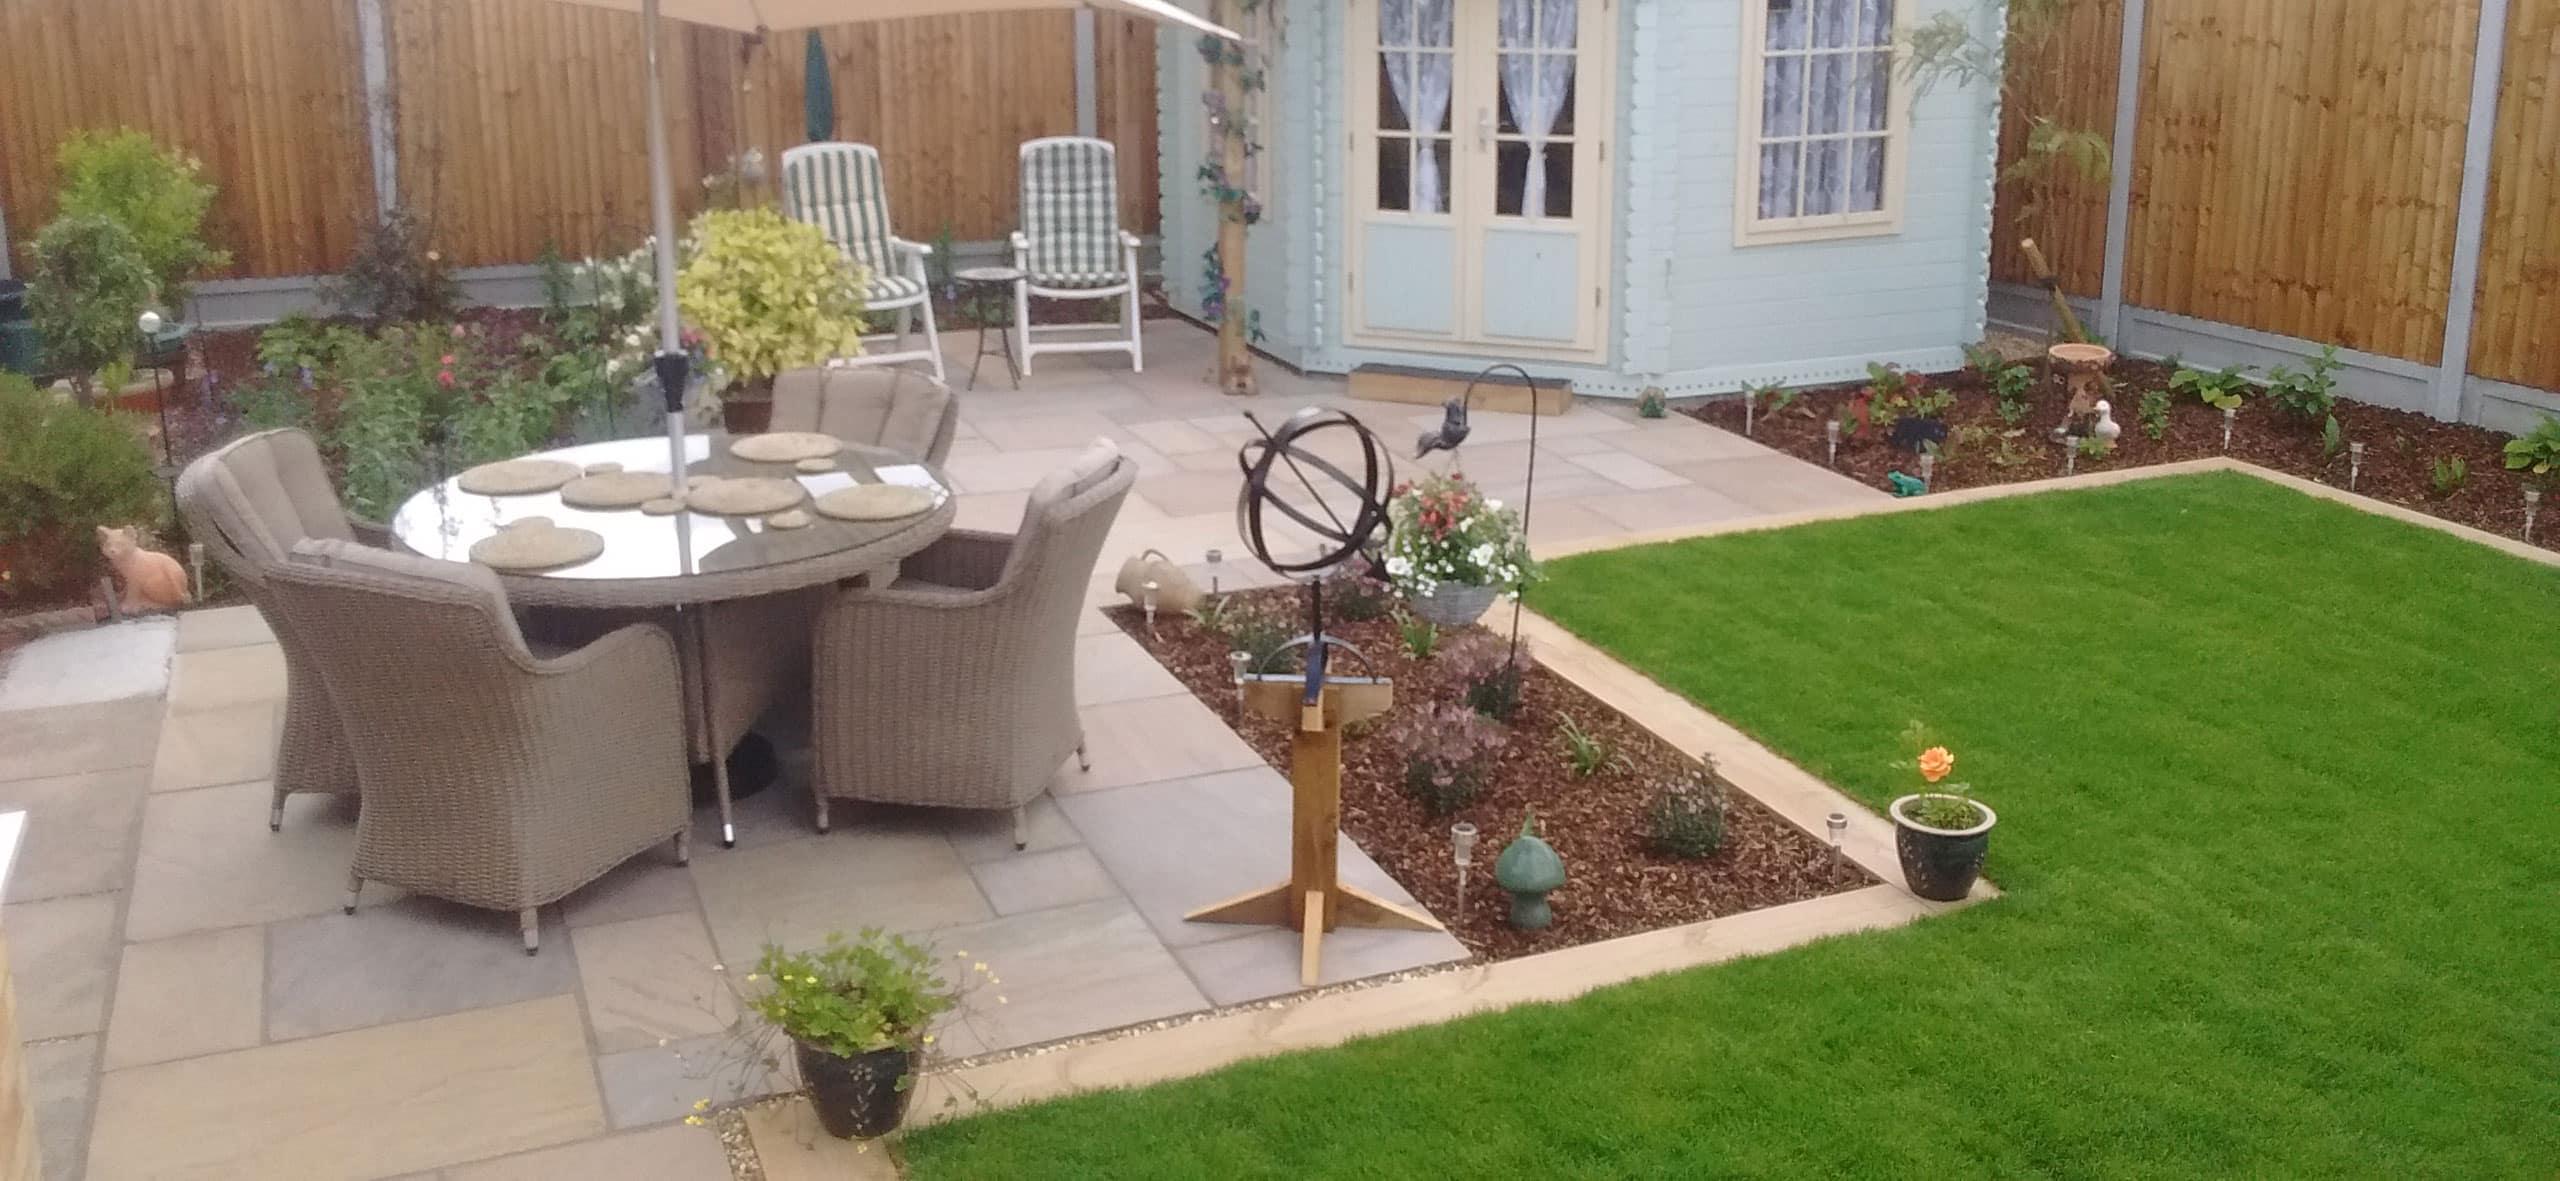 Residential Back Garden Design, Tapestry Design Studios